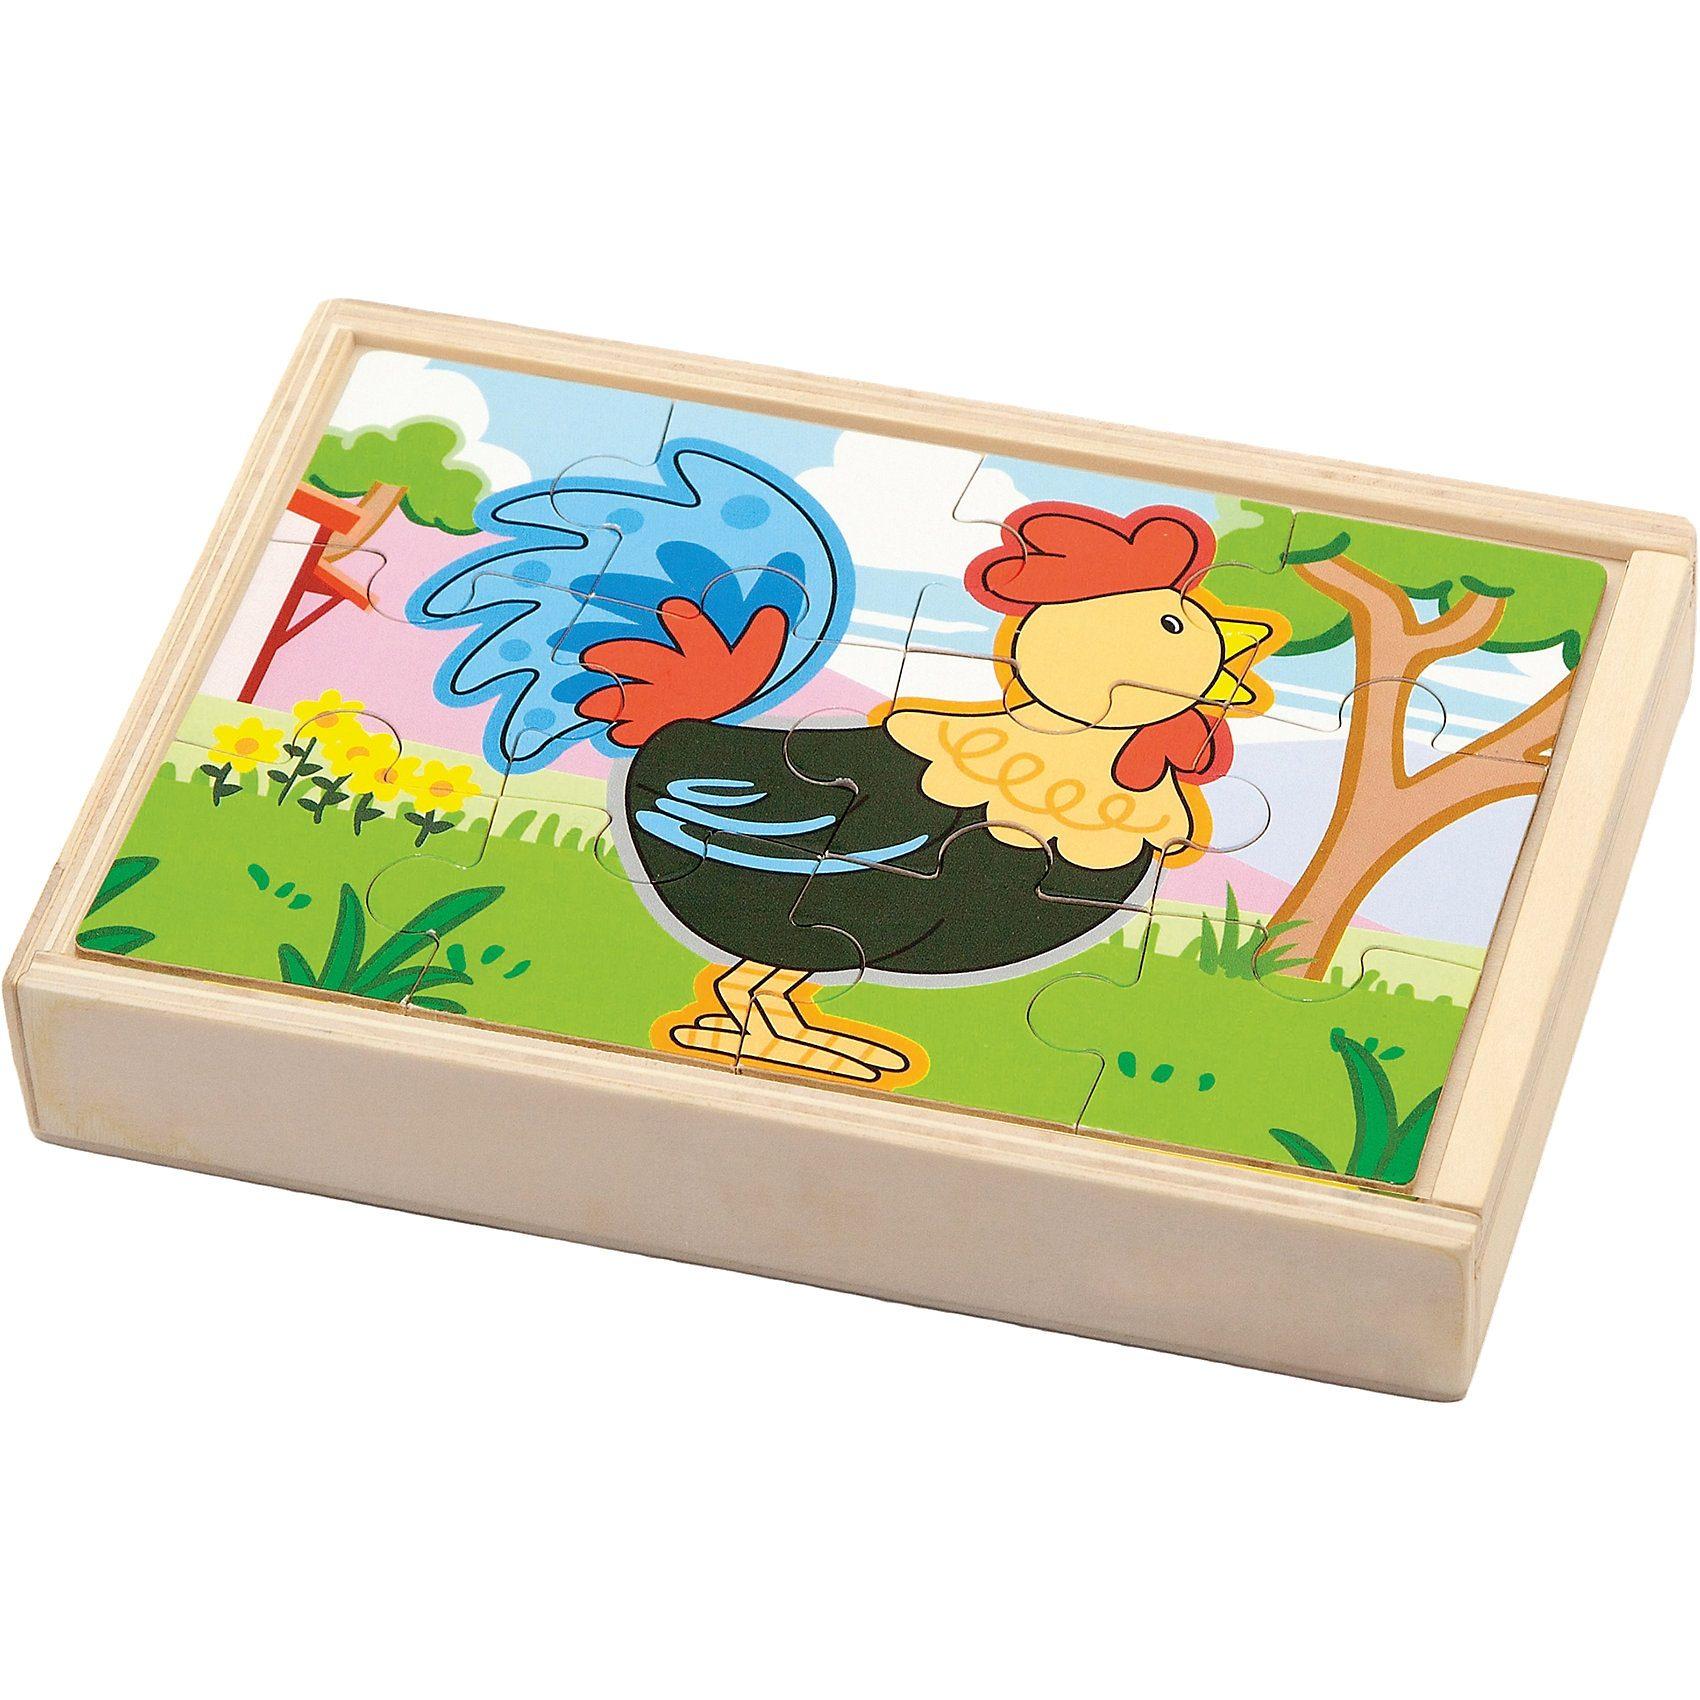 Eitech NCT 0531 Holzpuzzle in Box Bauernhof